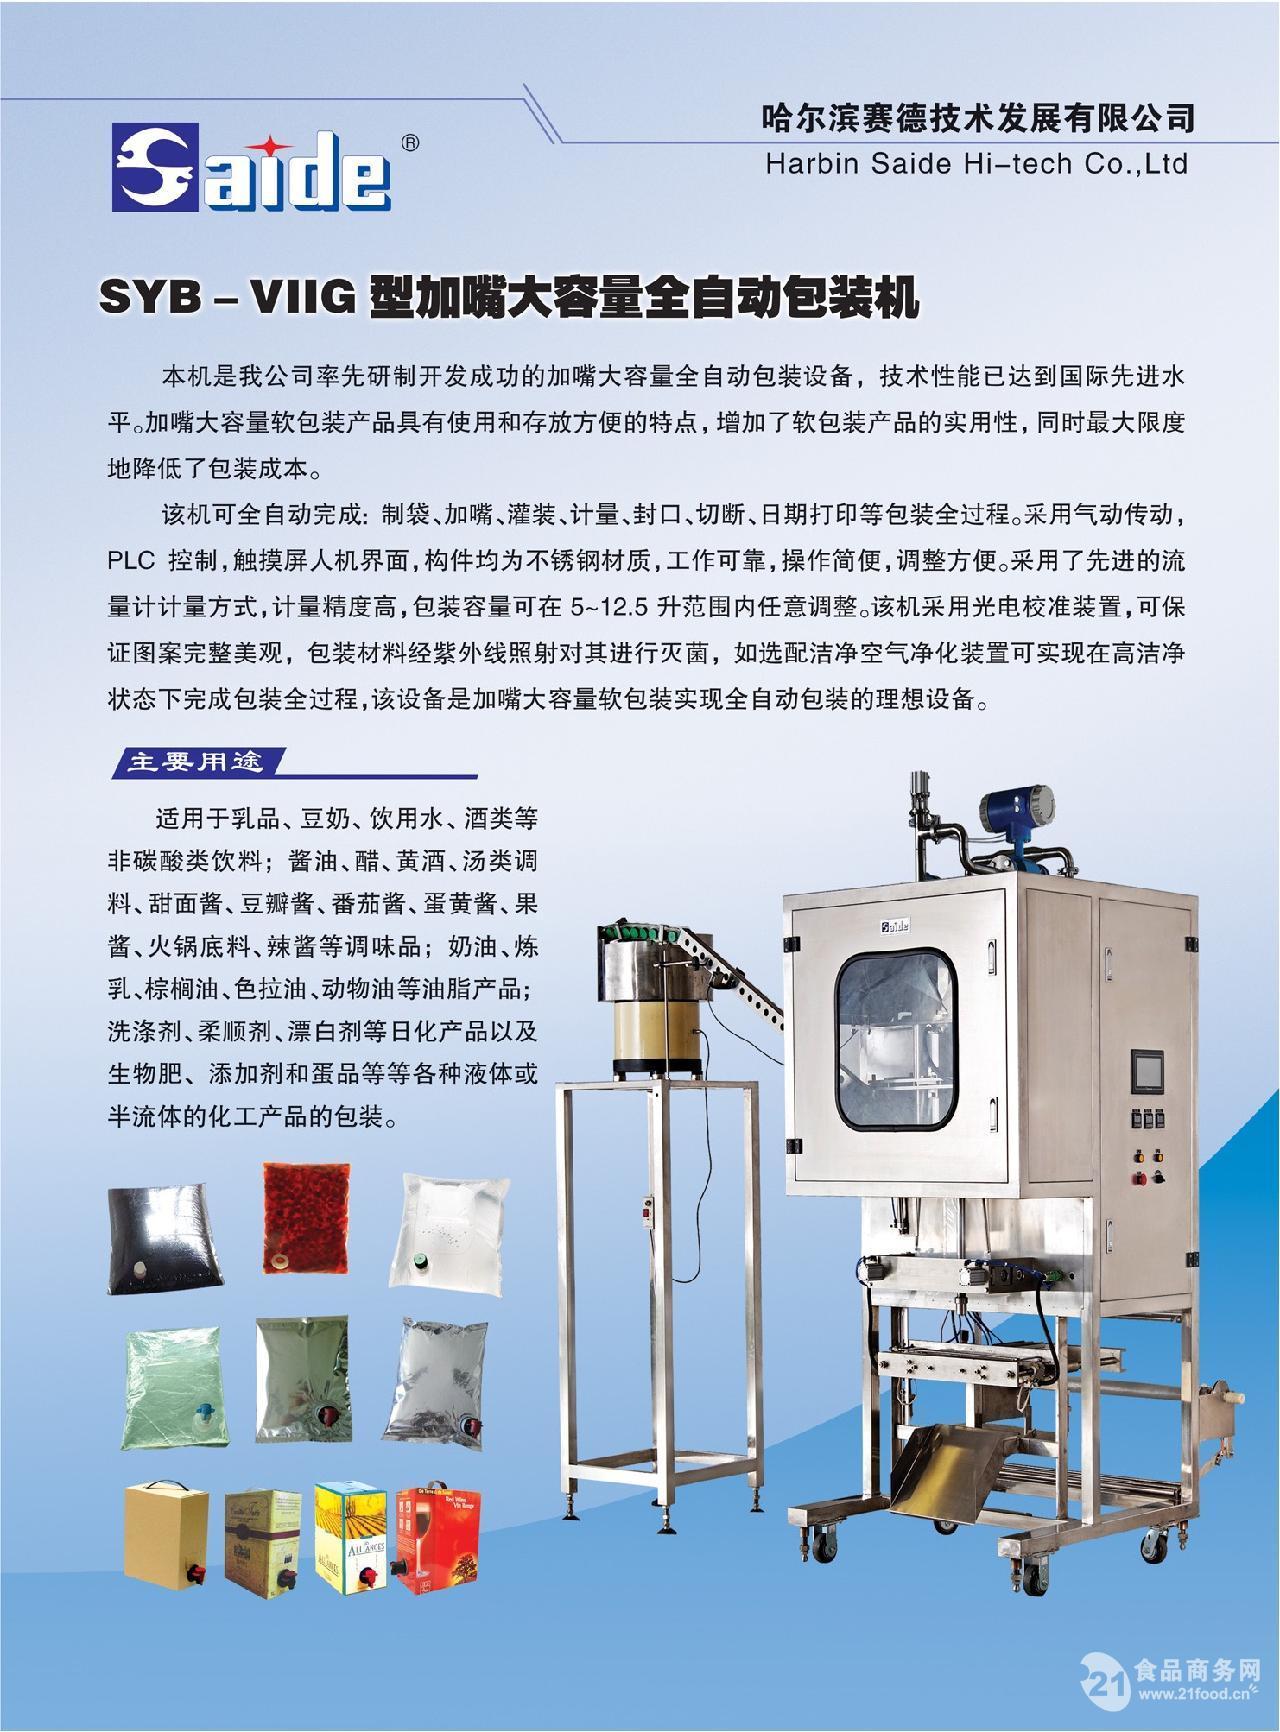 SYB-VIIG型加龙头全自动大袋包装机